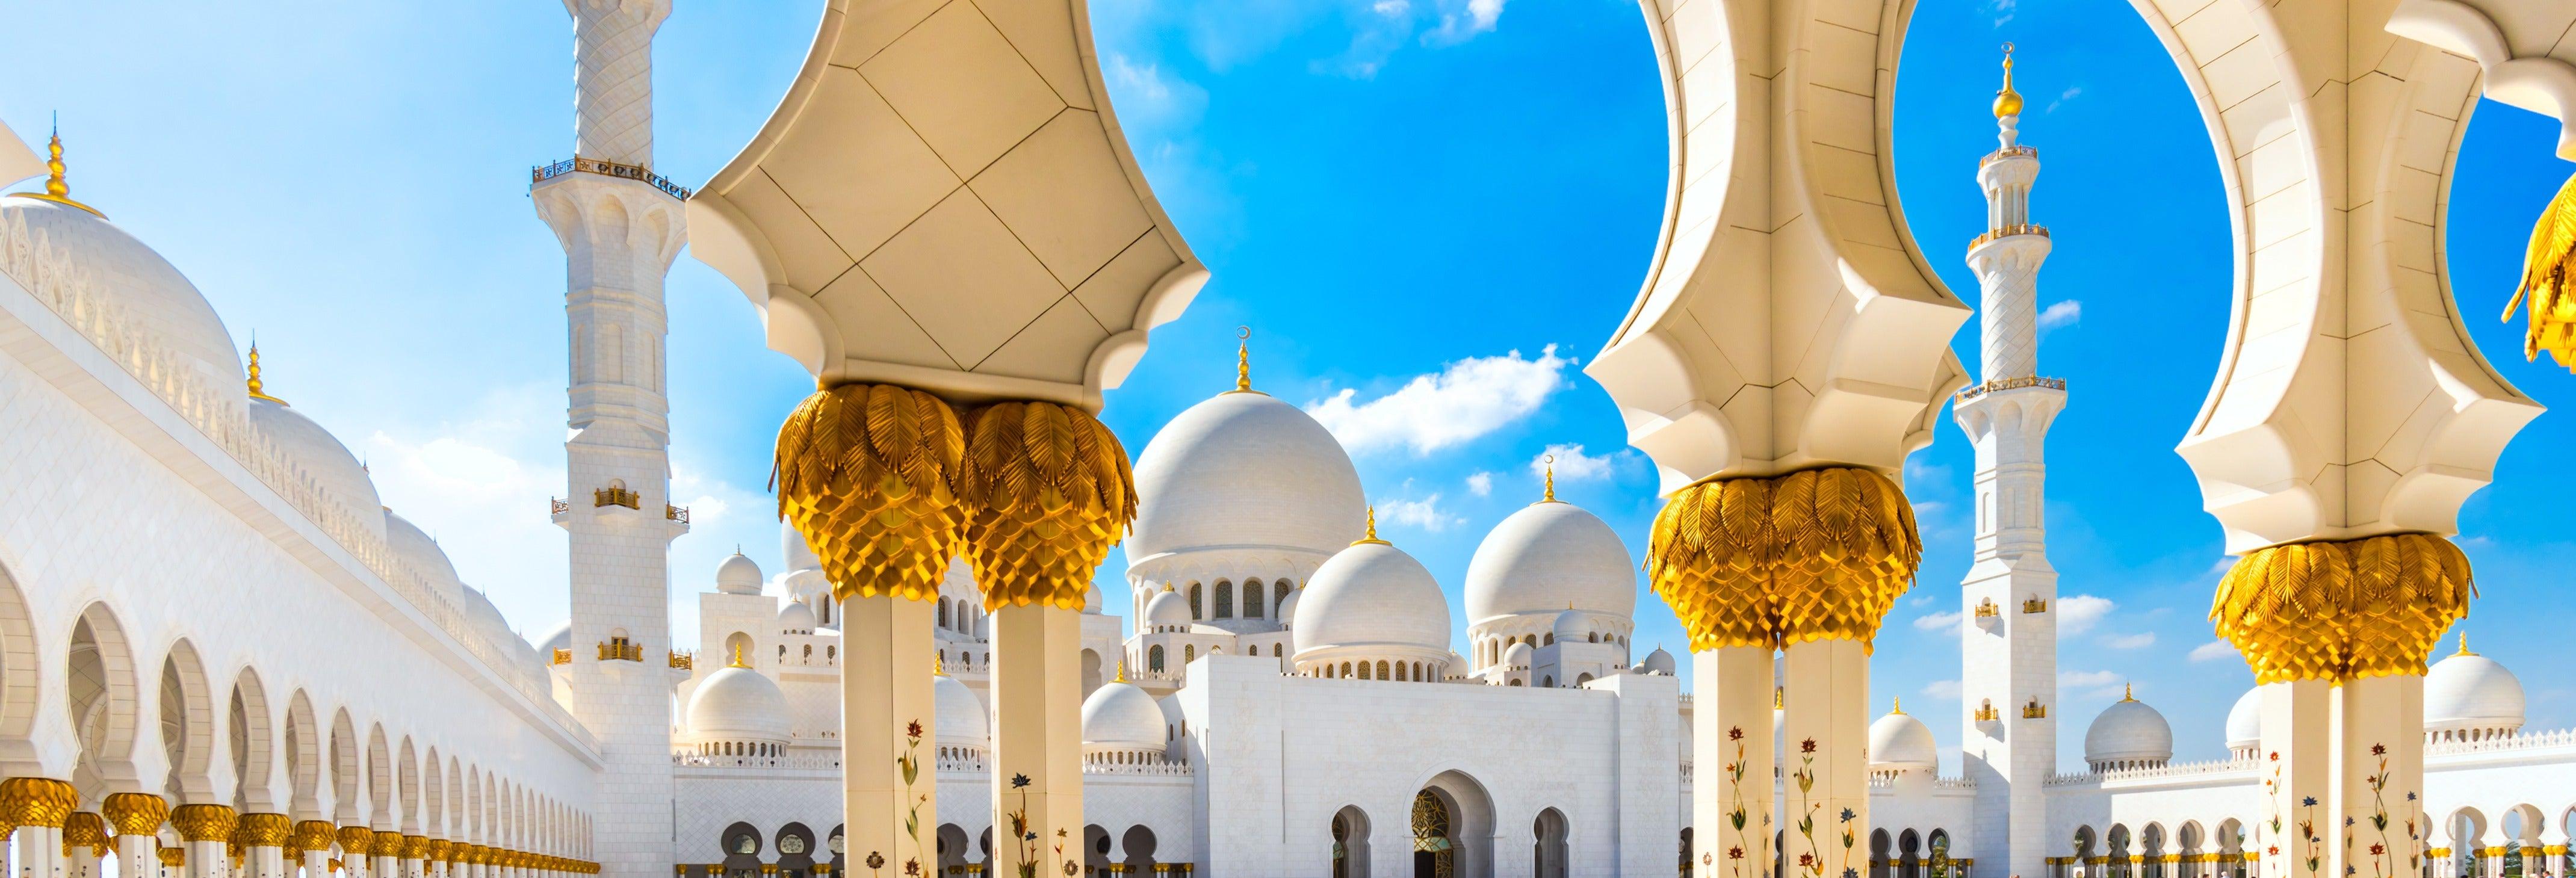 Excursión a la Gran Mezquita y el Louvre de Abu Dhabi